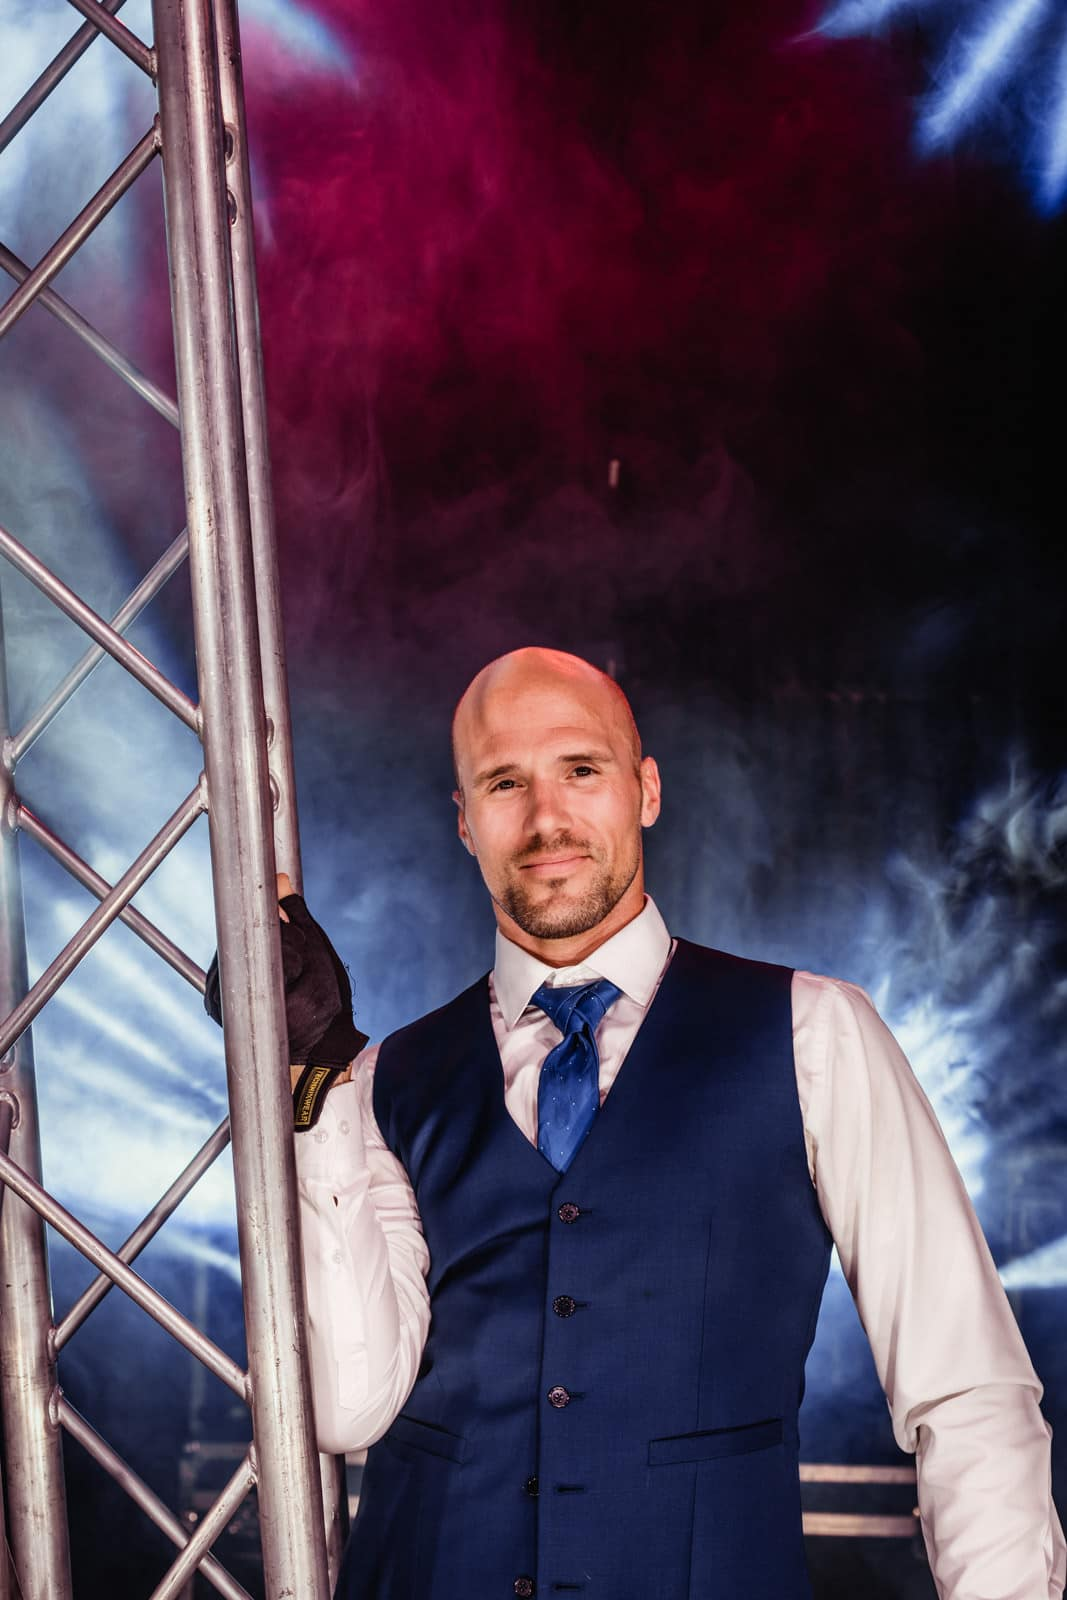 Mann hält im Hochzeitsoutfit und Arbeitshandschuhen eine Traverse in der rechten Hand auf einer Bühne bei Nacht.